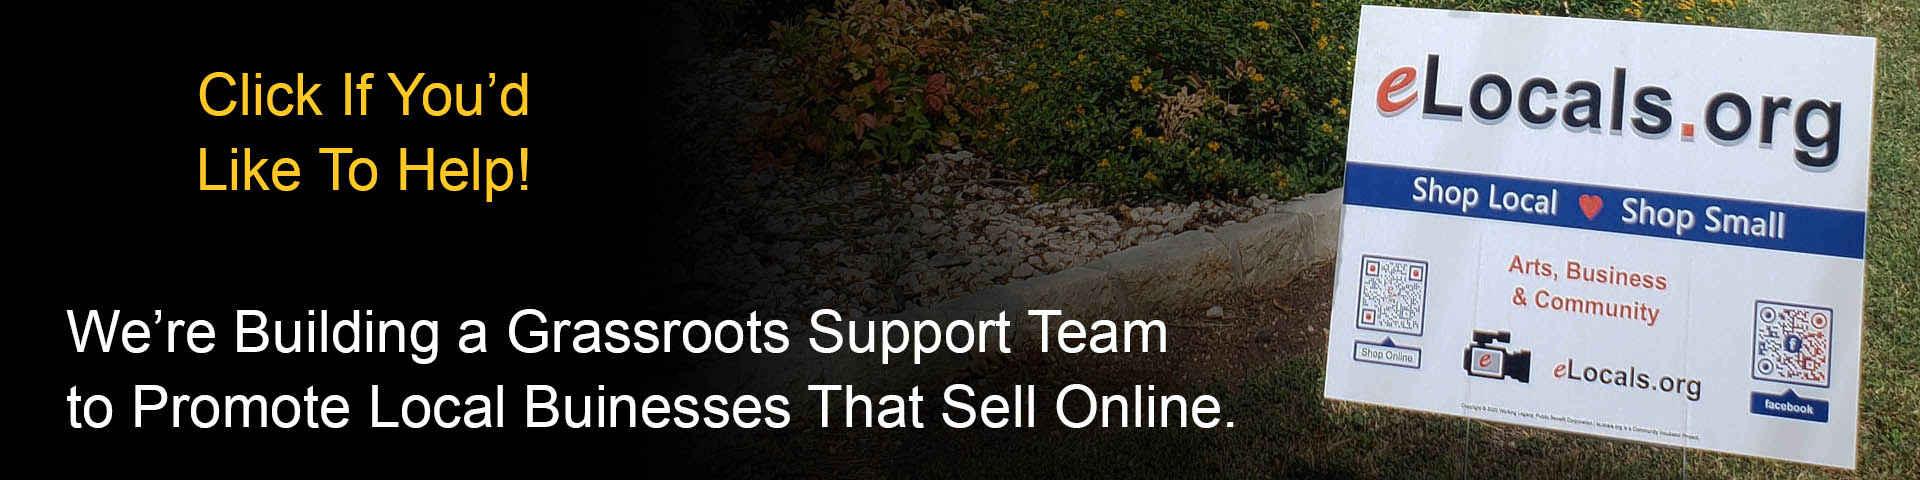 Grassroots Team eLocals